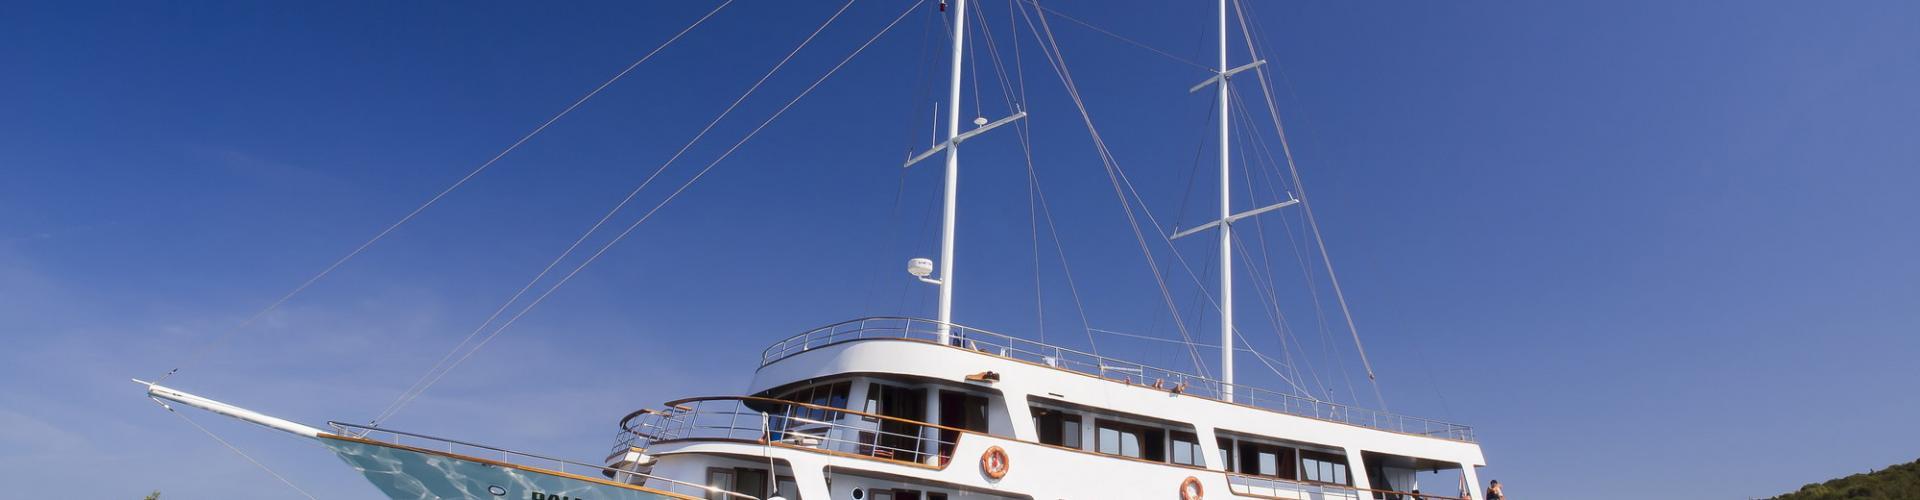 Premium cruiser MV Dalmatia- motor sailer